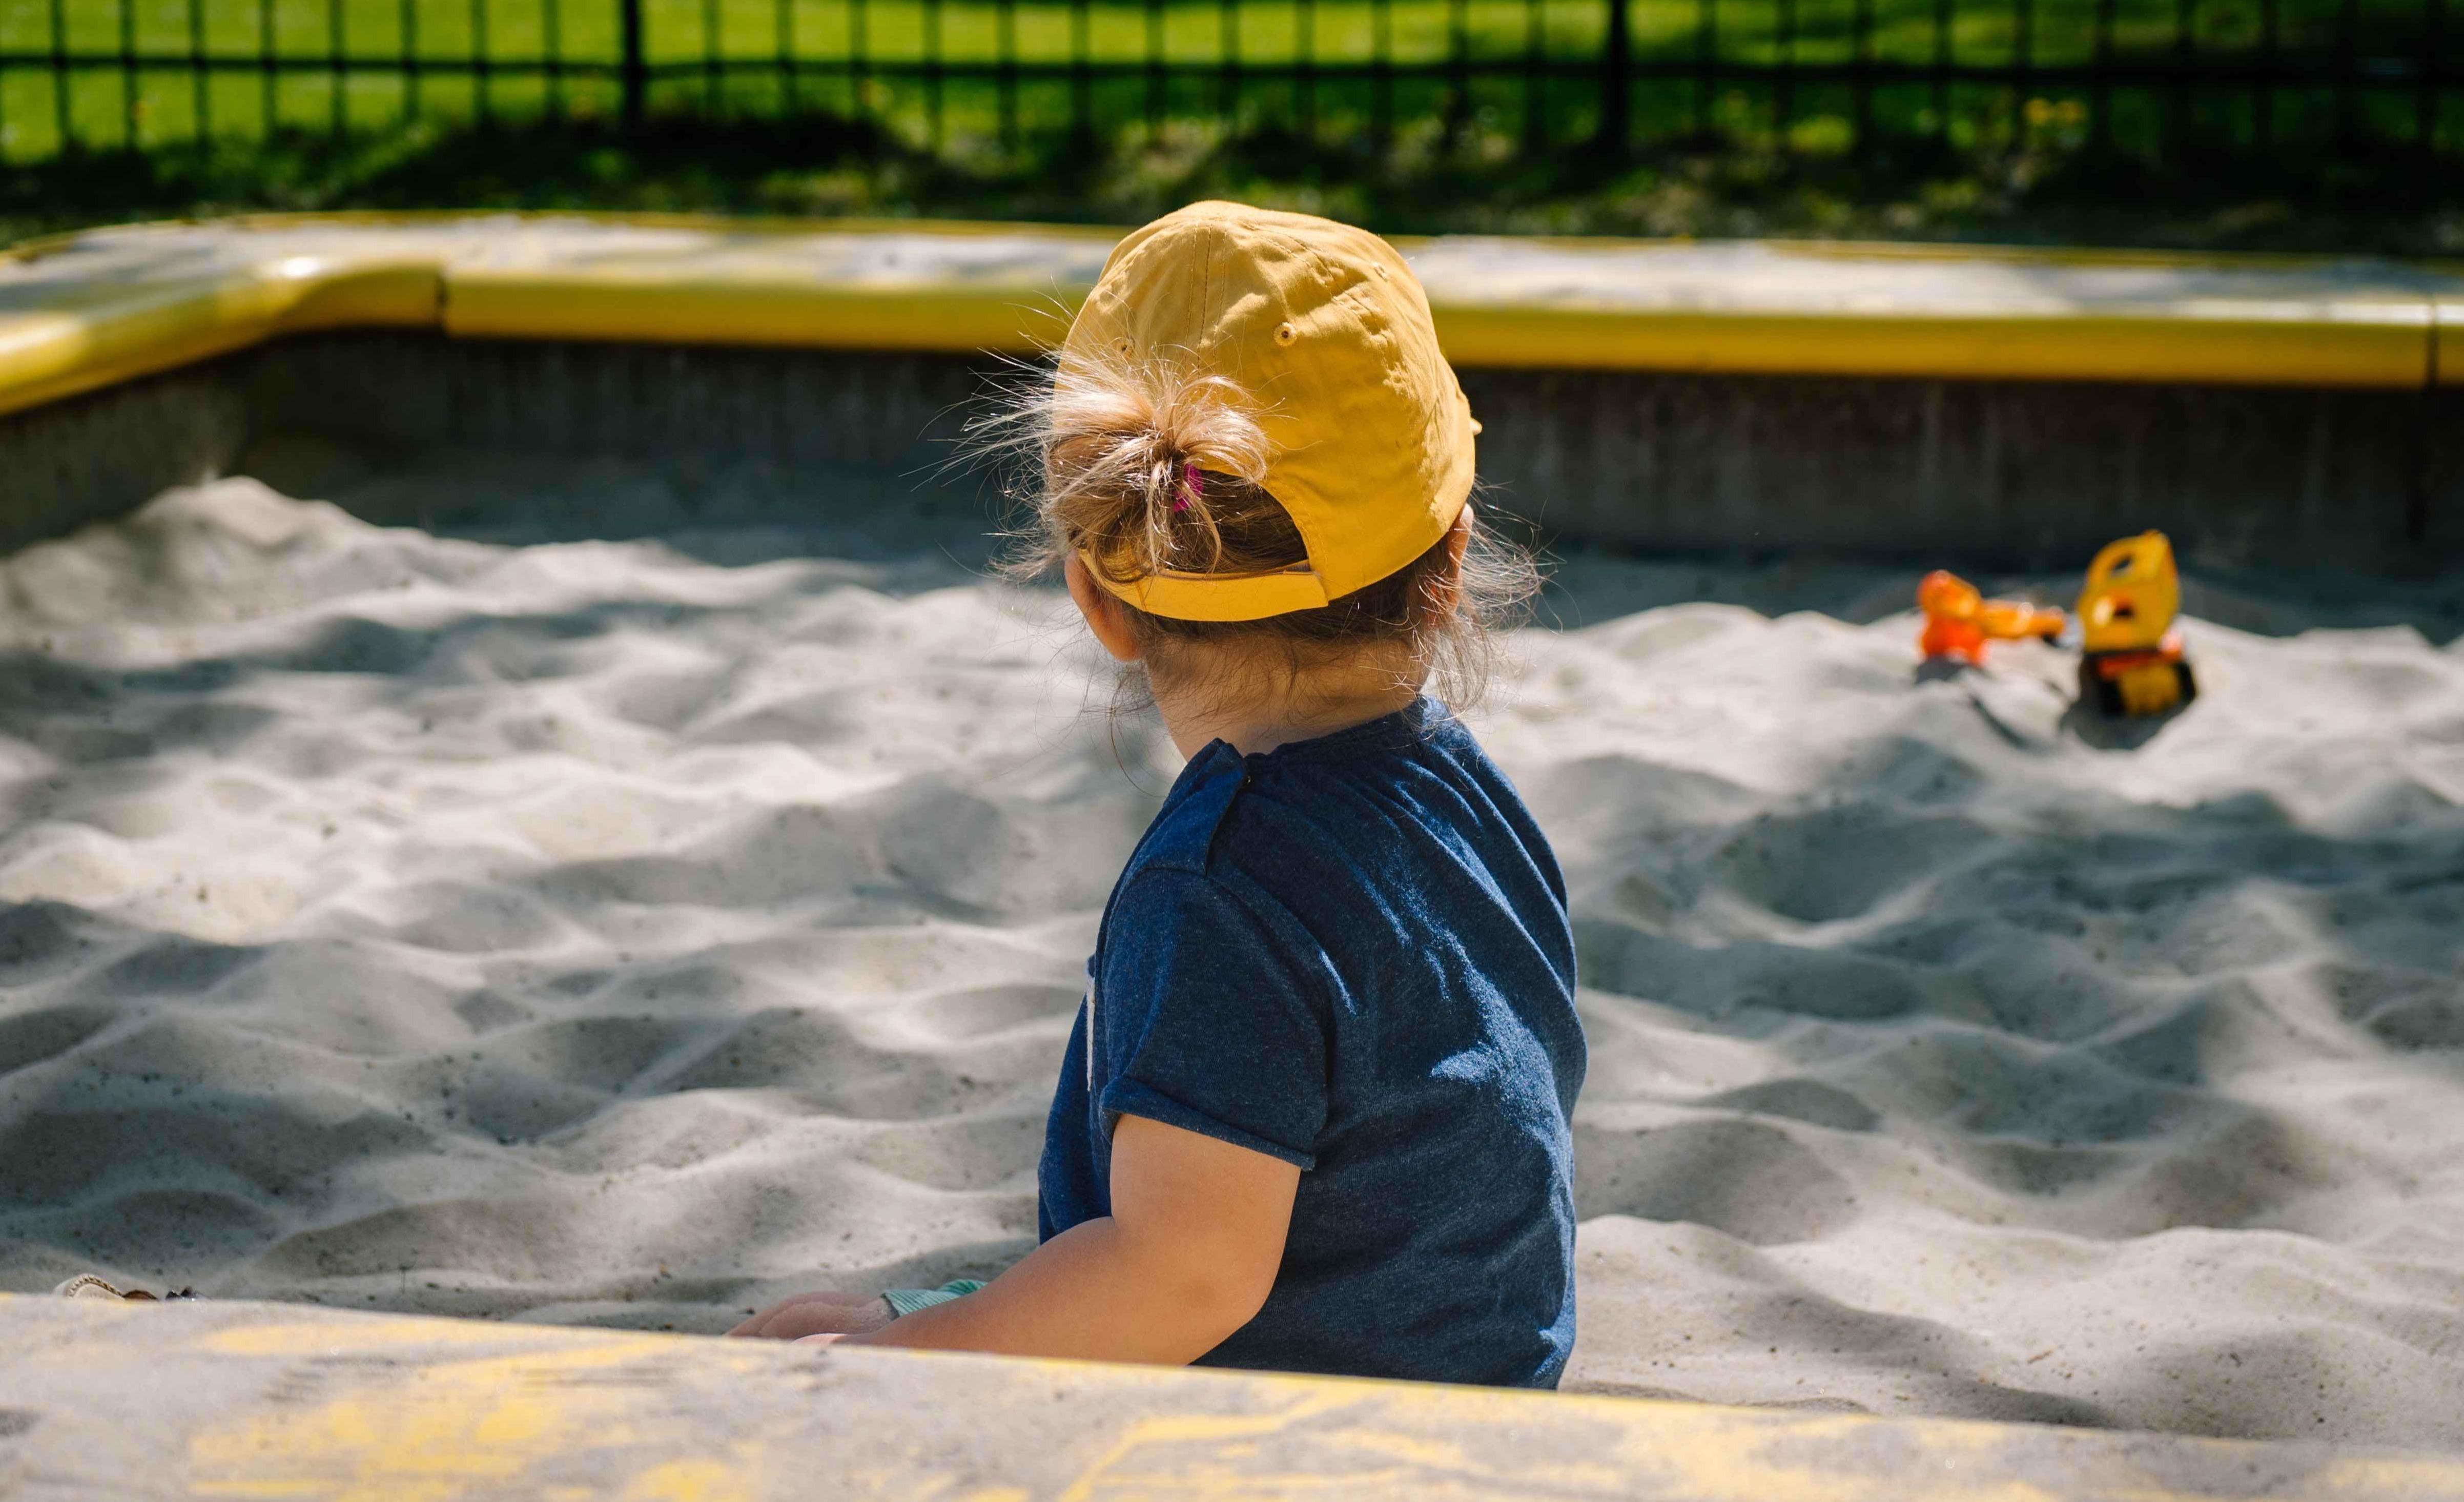 Natürliche Sonnencremes und Lotionen für die Sommer Hautpflege von Babys und Kindern